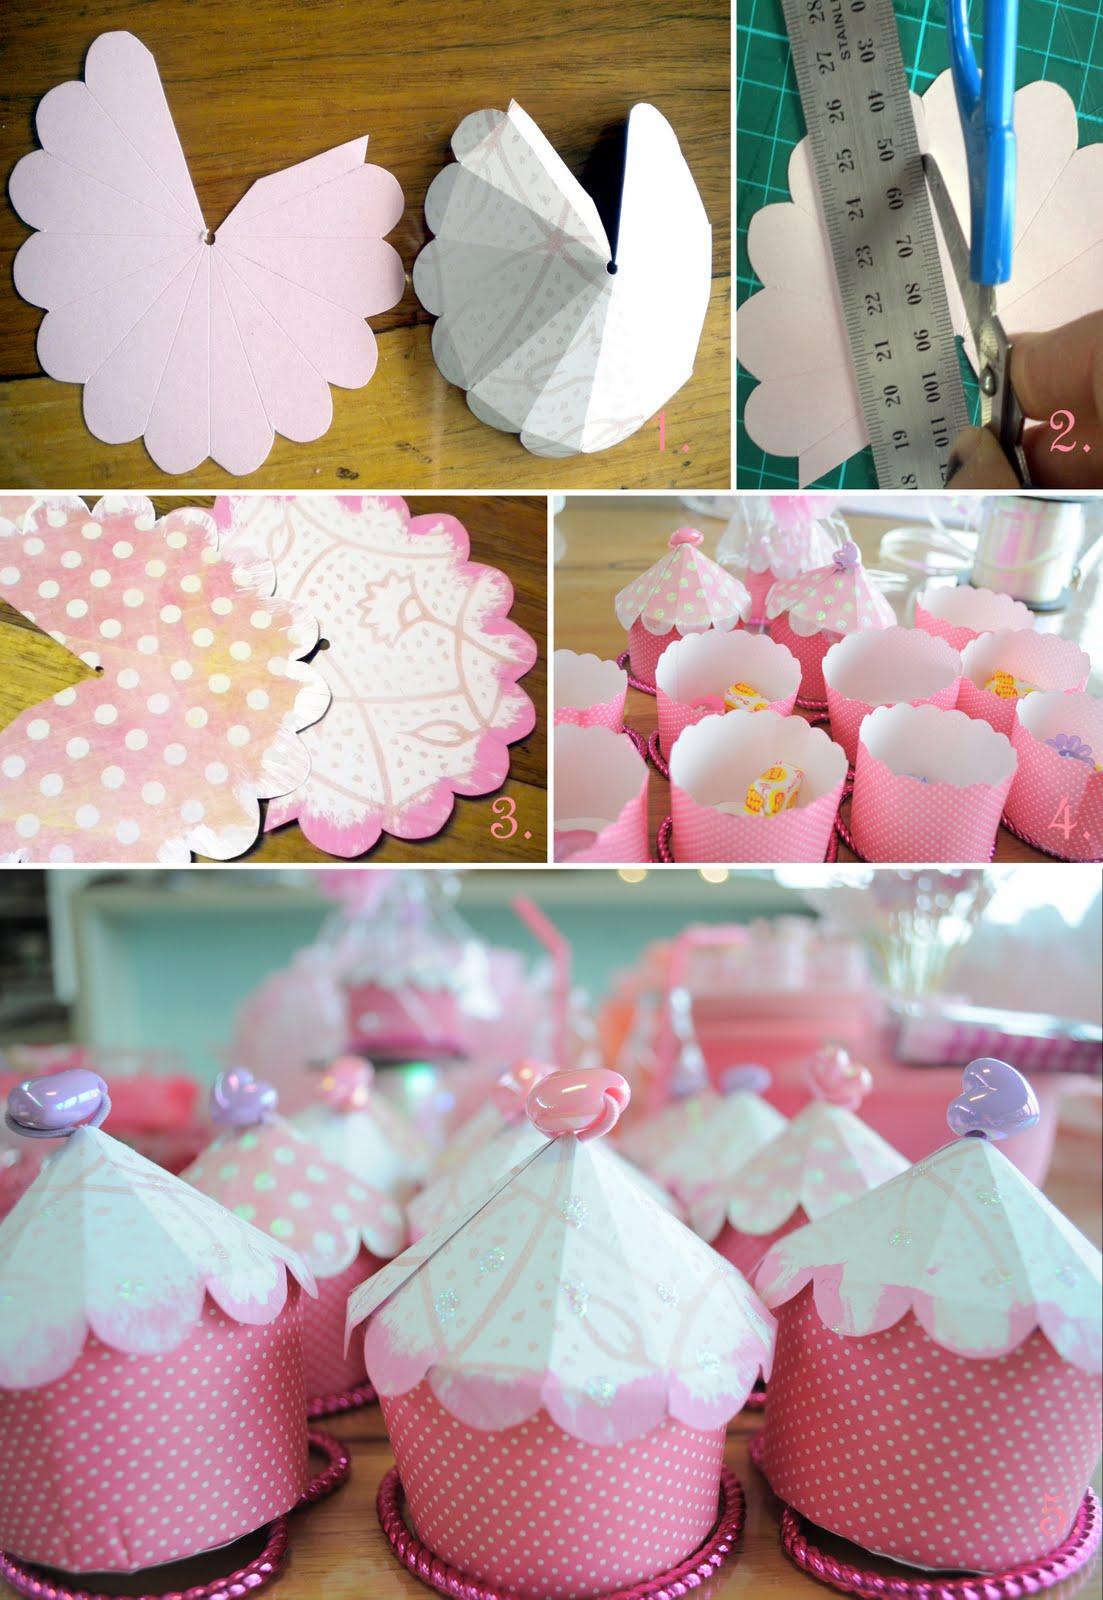 Cup Cake Box Tutorial & Myrtle u0026 Grace: Cup Cake Box Tutorial